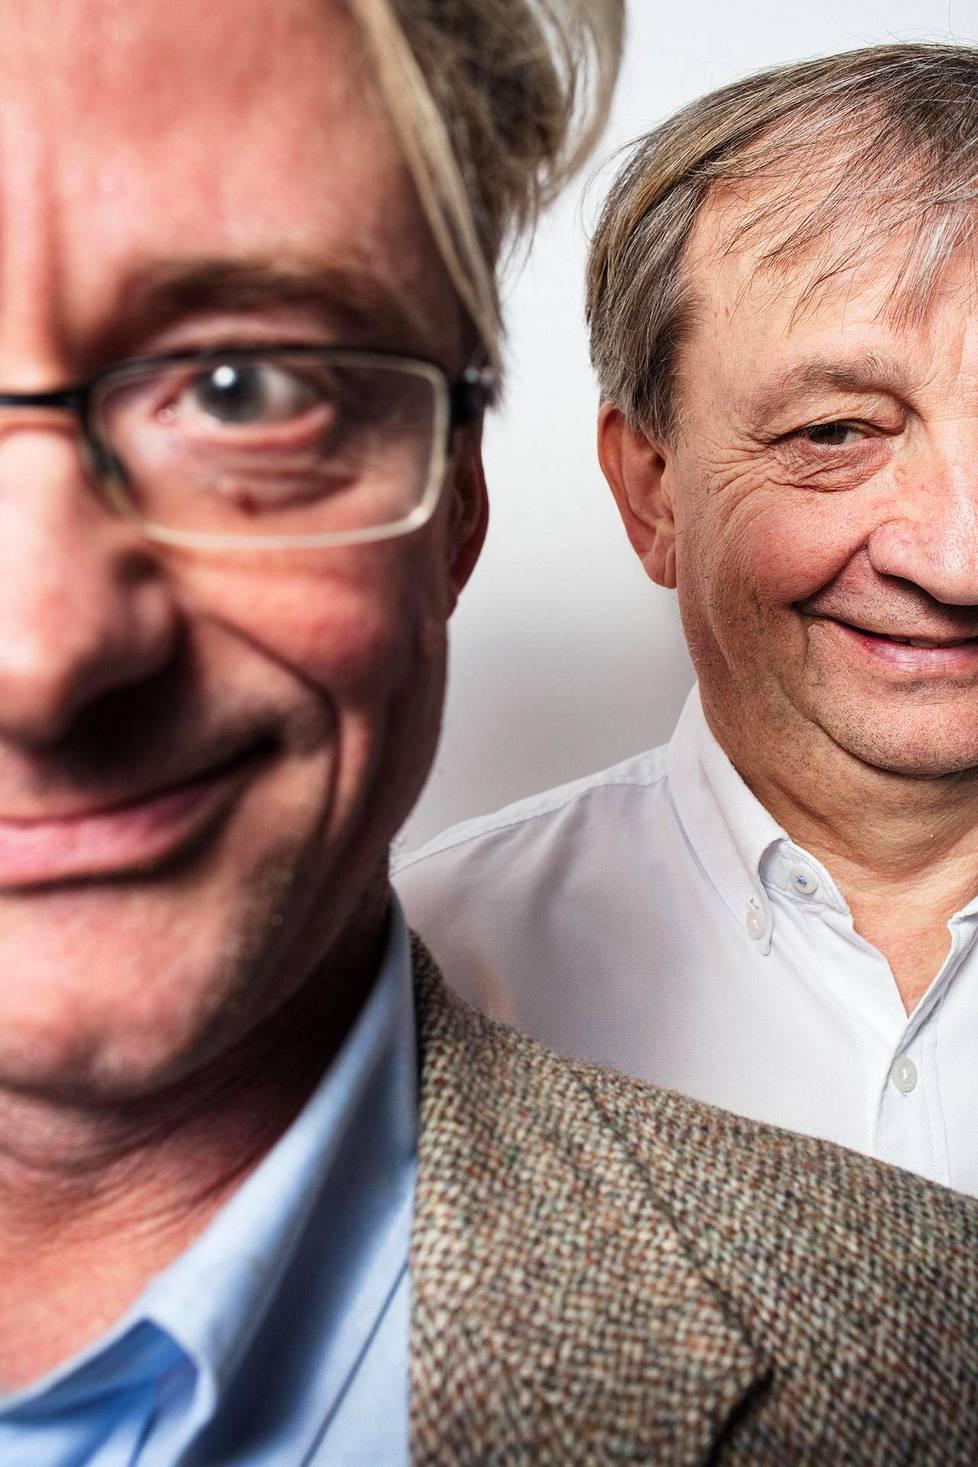 Mikael Jungner (vas.) ja Hjallis Harkimo perustivat liikkeen, jossa kansalaiset voivat vaikuttaa kansanedustajaan nettisivun välityksellä.